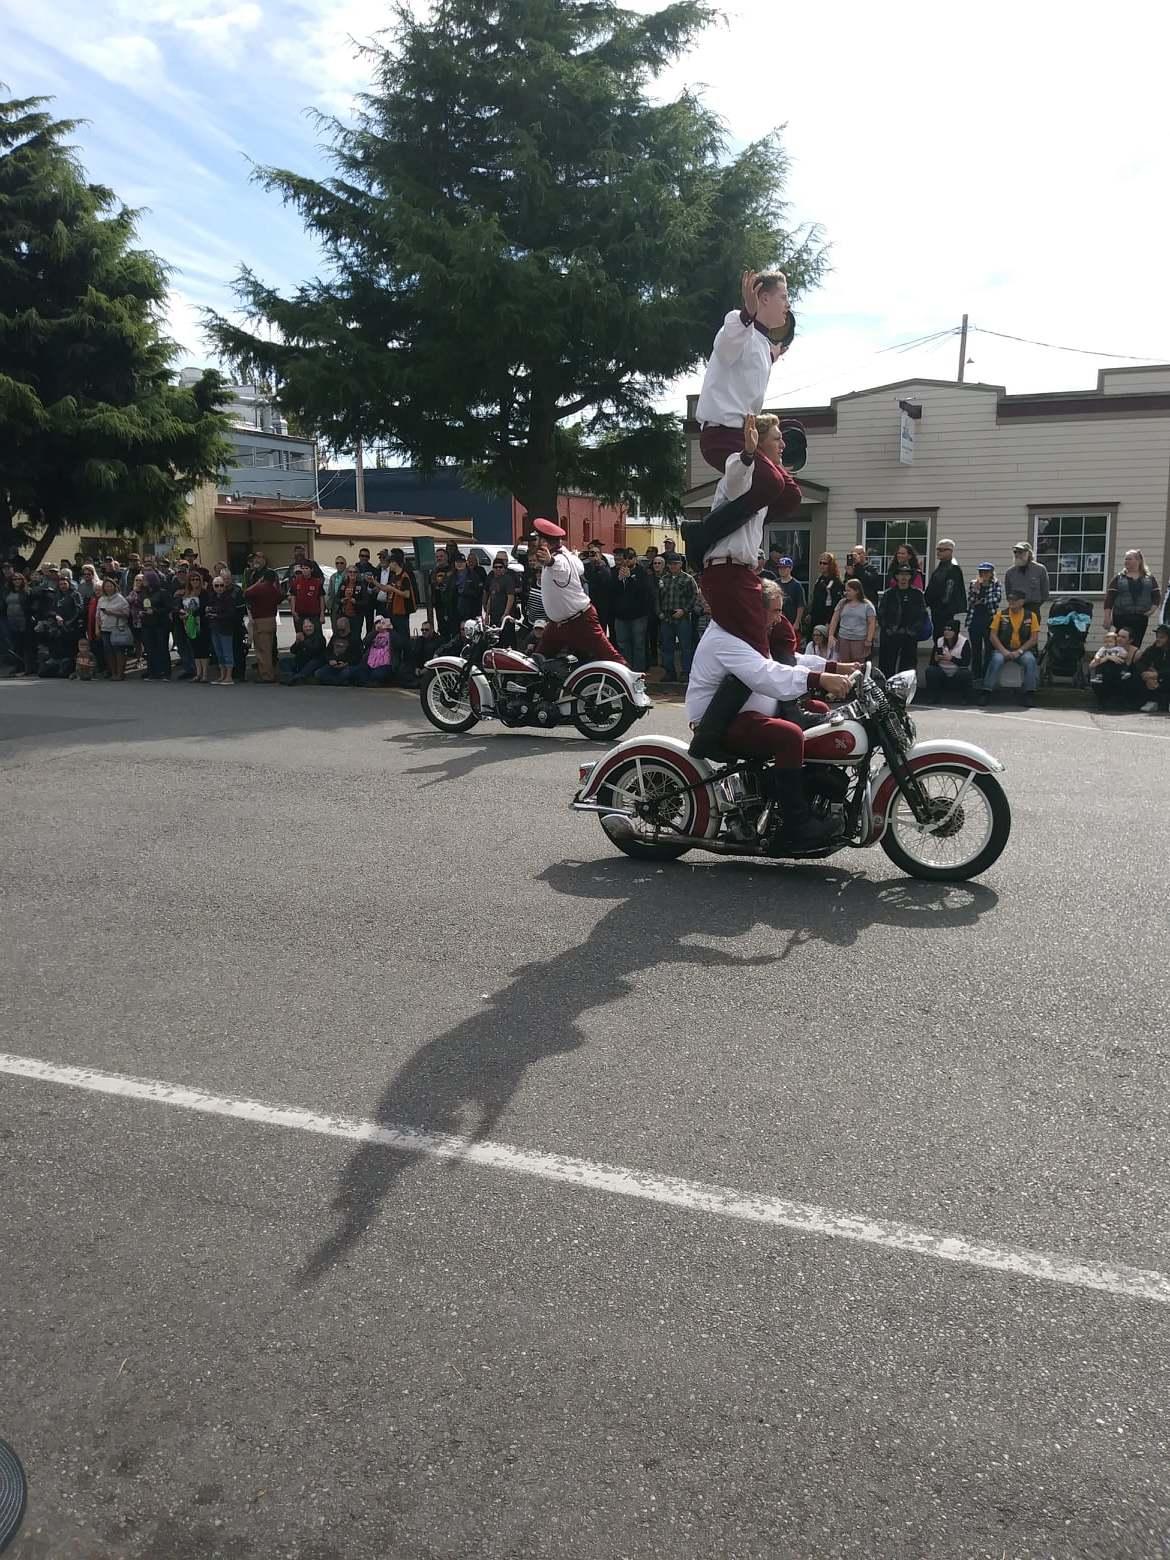 More Amazing Stunts!